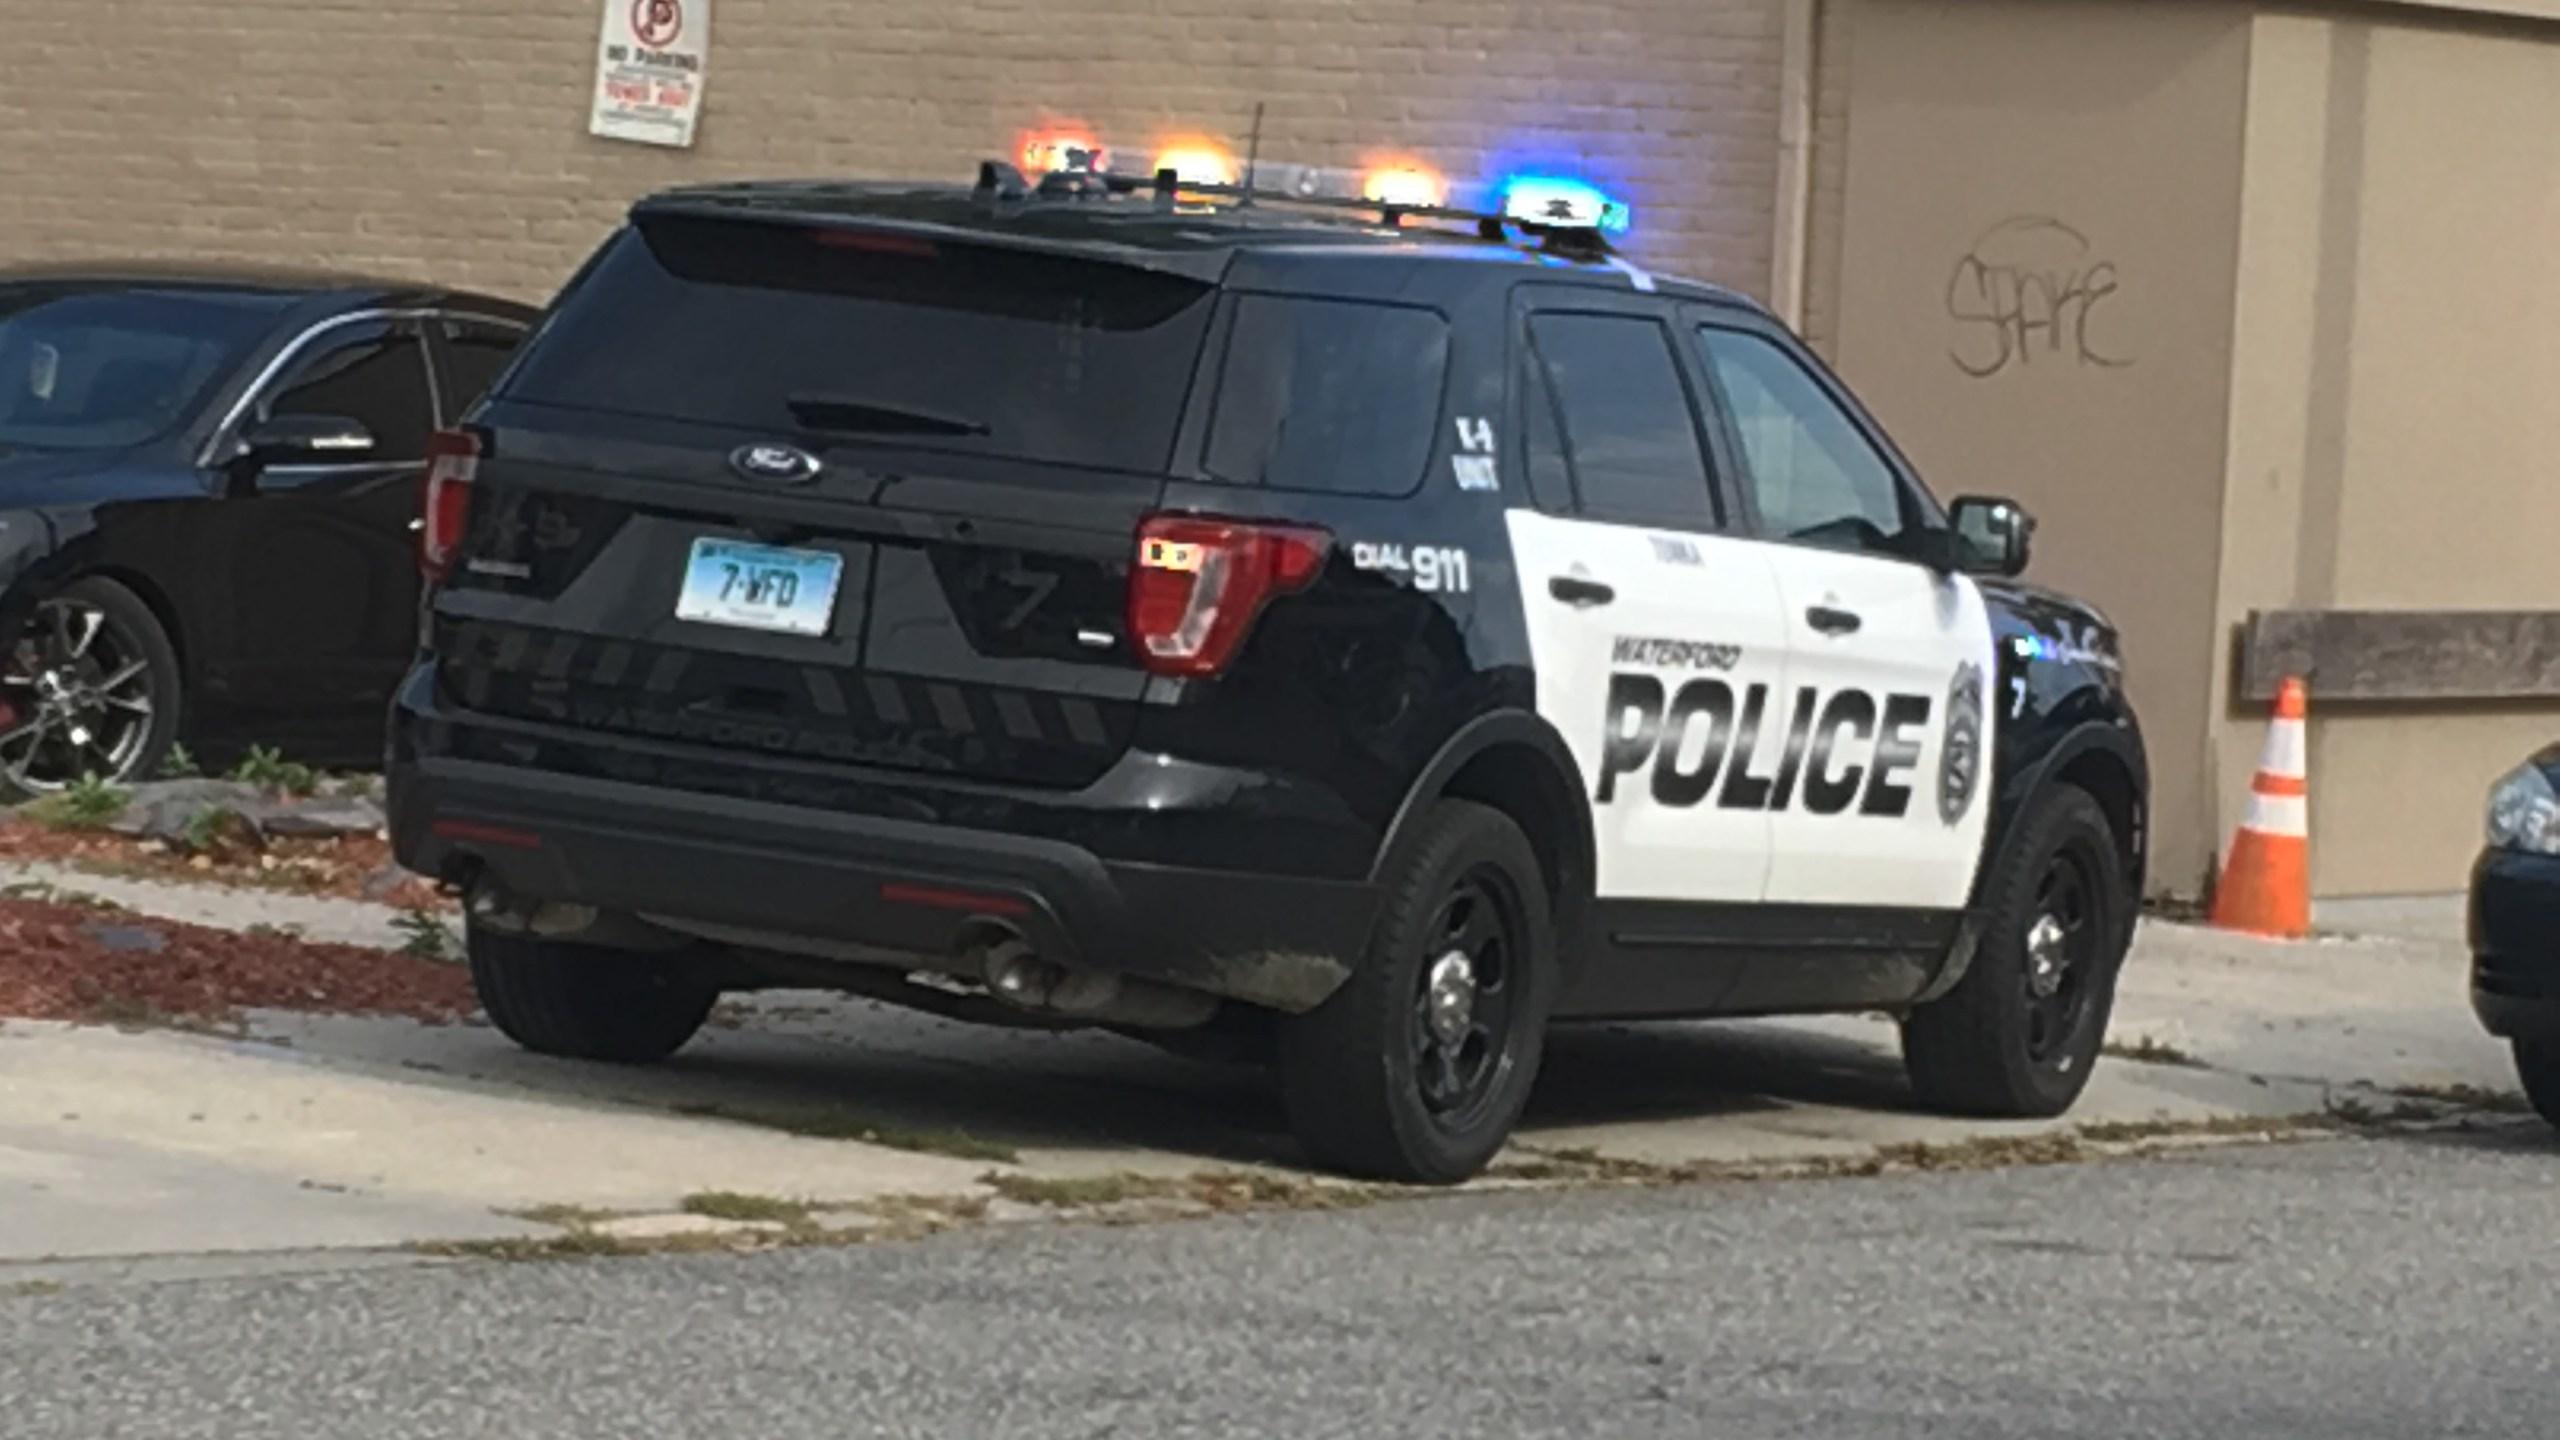 Waterford Police Car_1538681873750.jpg.jpg